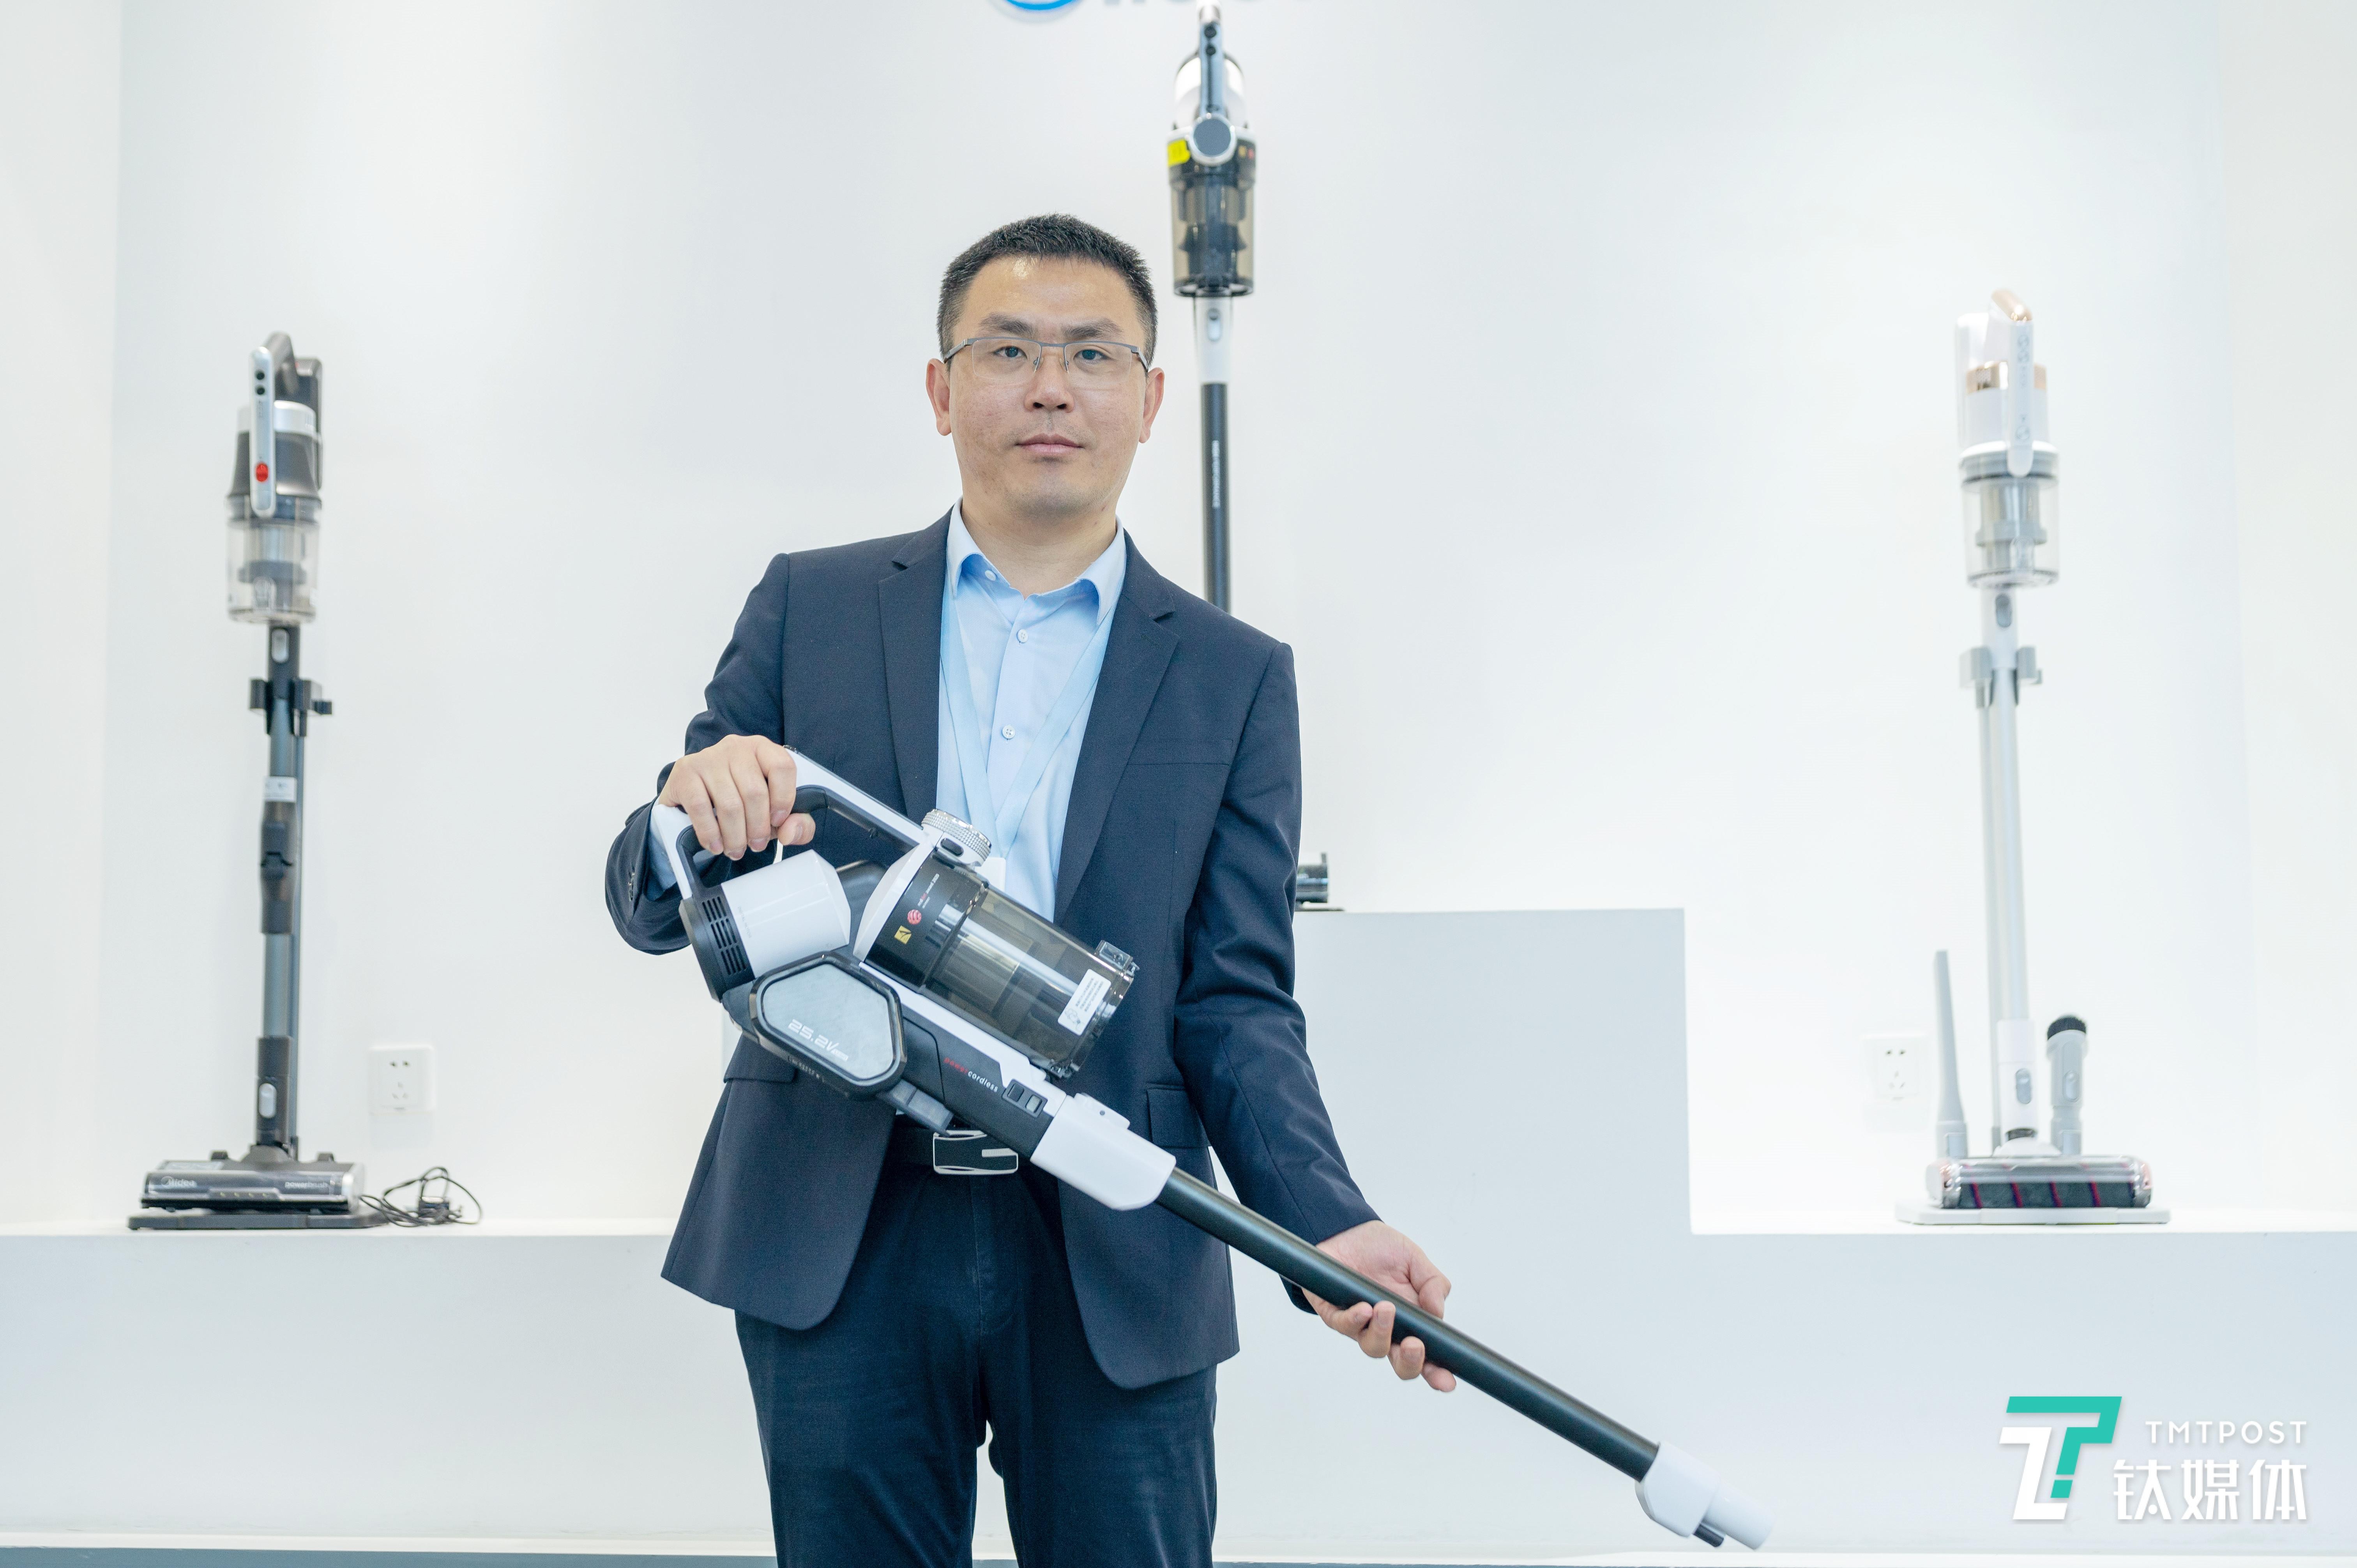 美的集团微波和清洁事业部吸尘器高级开发工程师殷雪冰